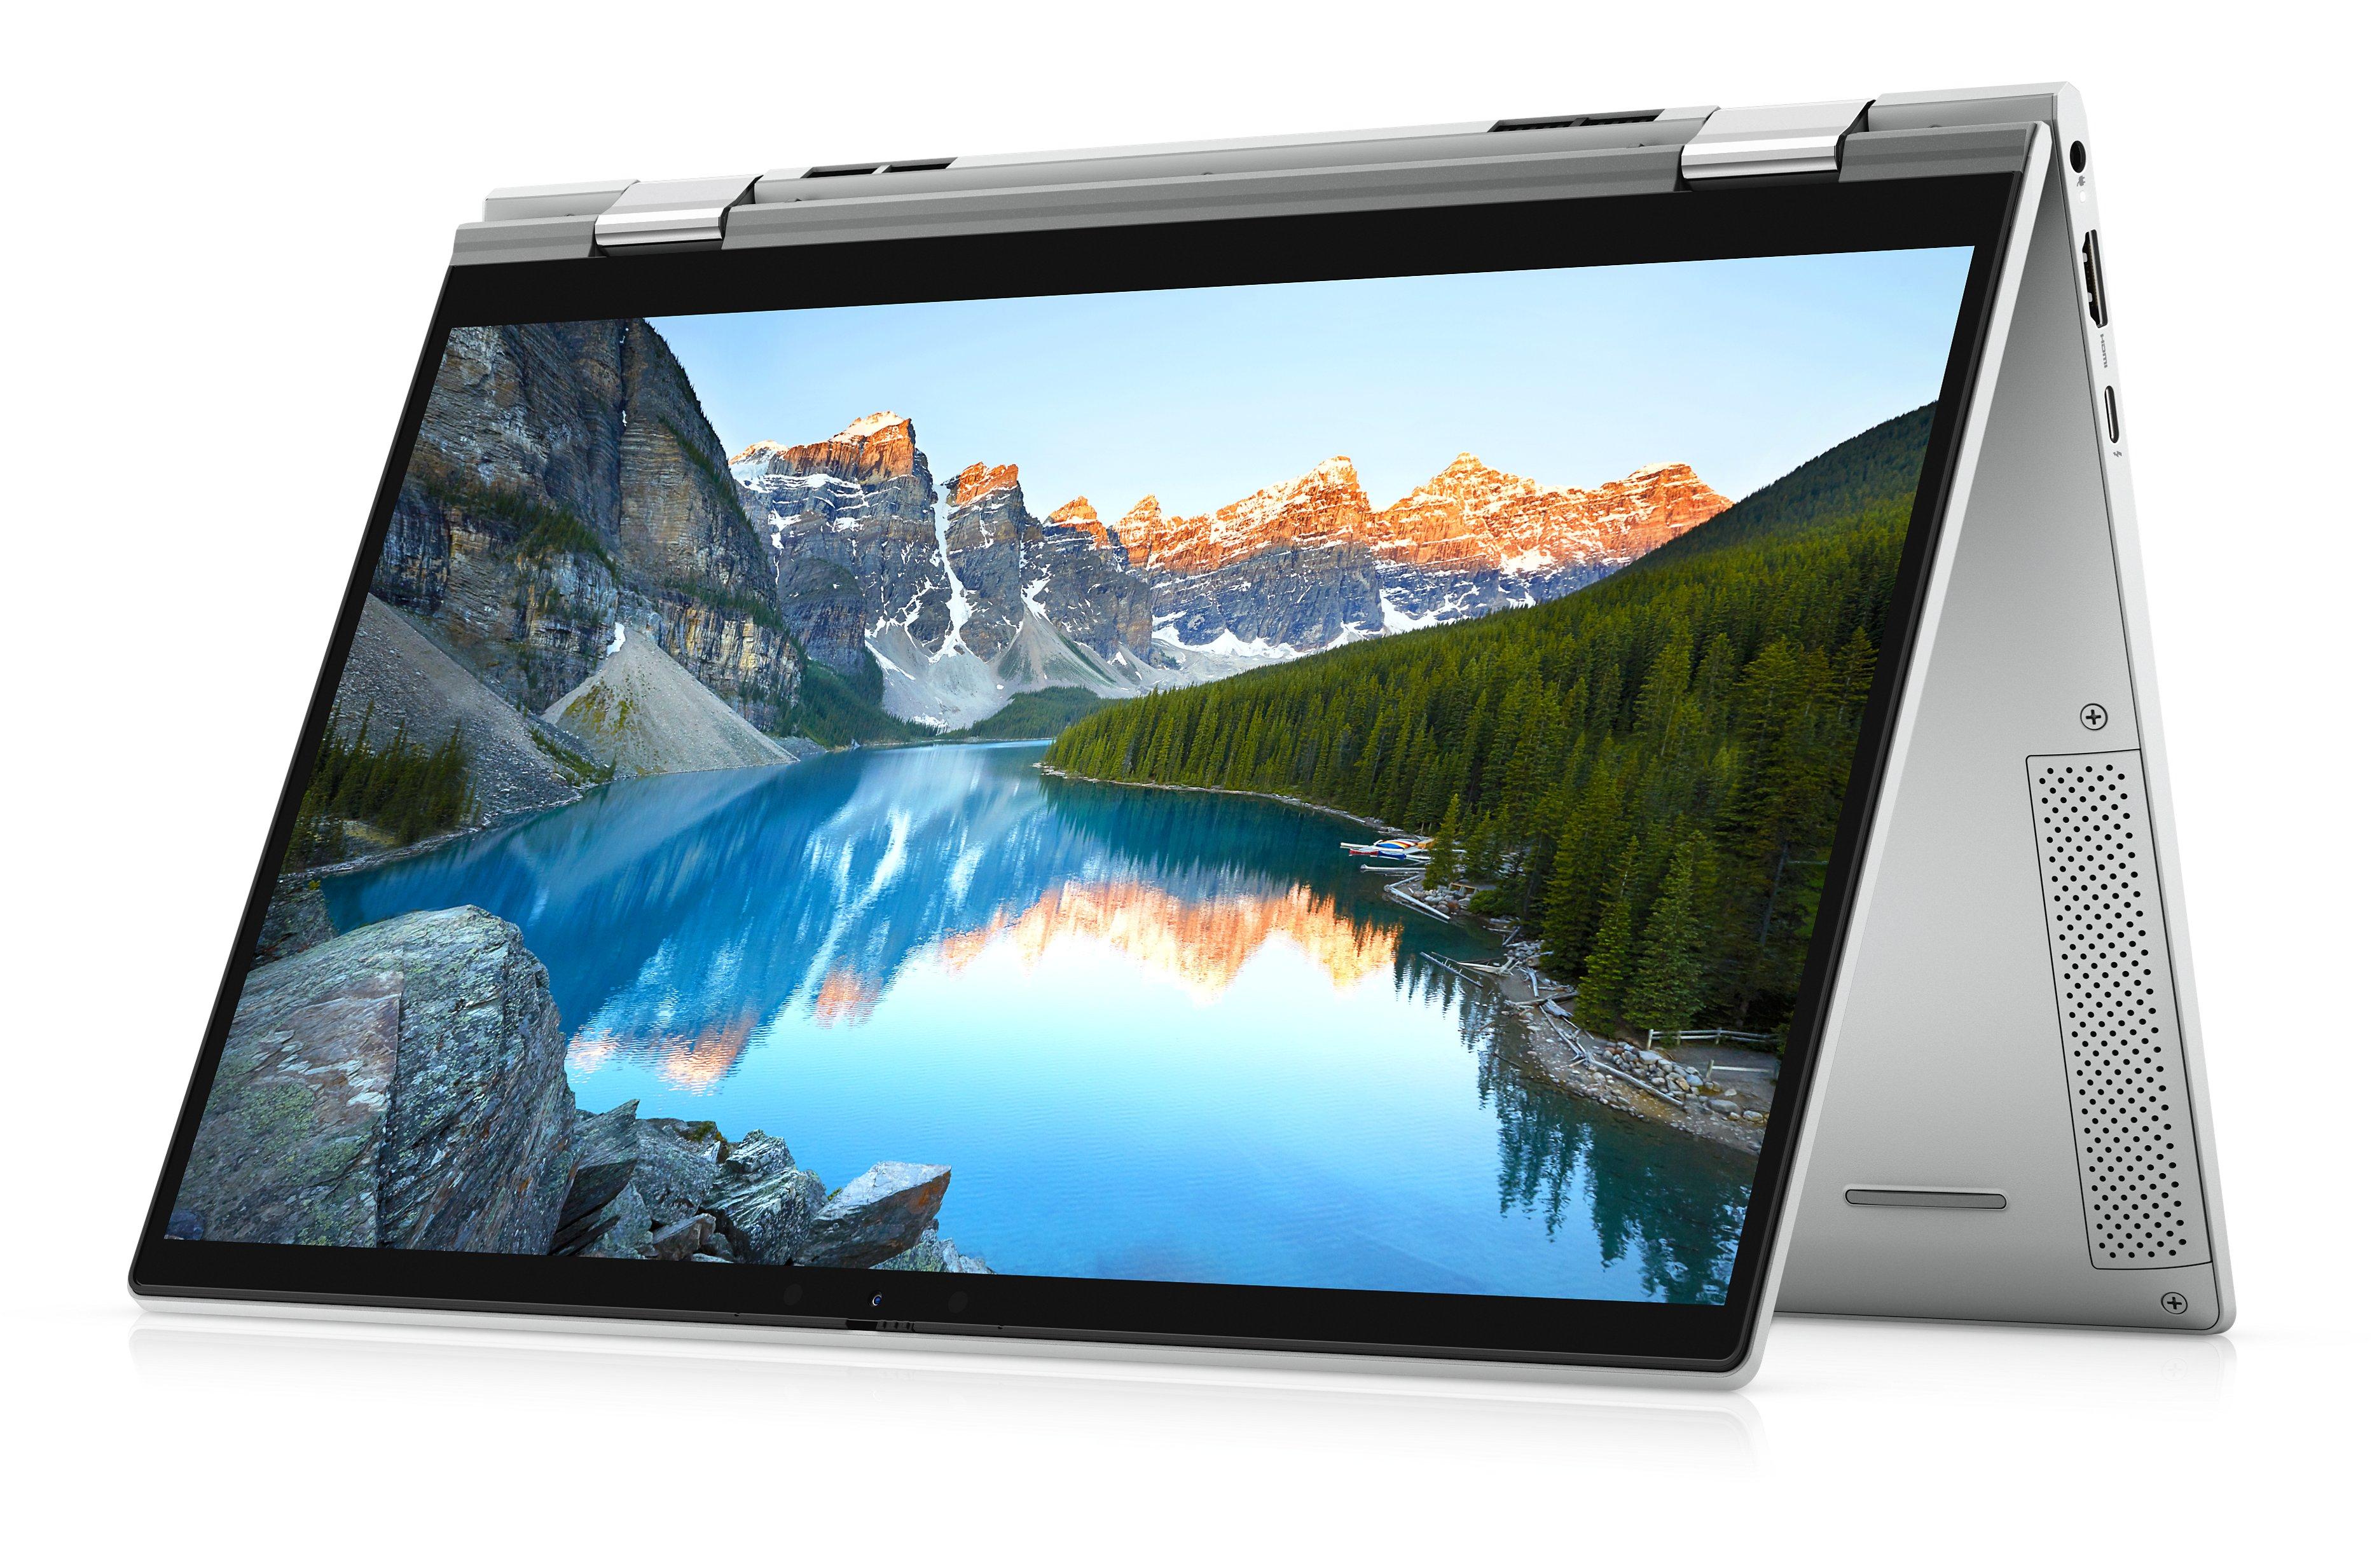 """PC Portable 2-en-1 13,3"""" Dell Inspiron 13 7306 - Full HD Tactile, i7-1165G7, Iris Xe, RAM 16 Go (4 267 MHz), SSD NVMe 512 Go, Windows 10"""